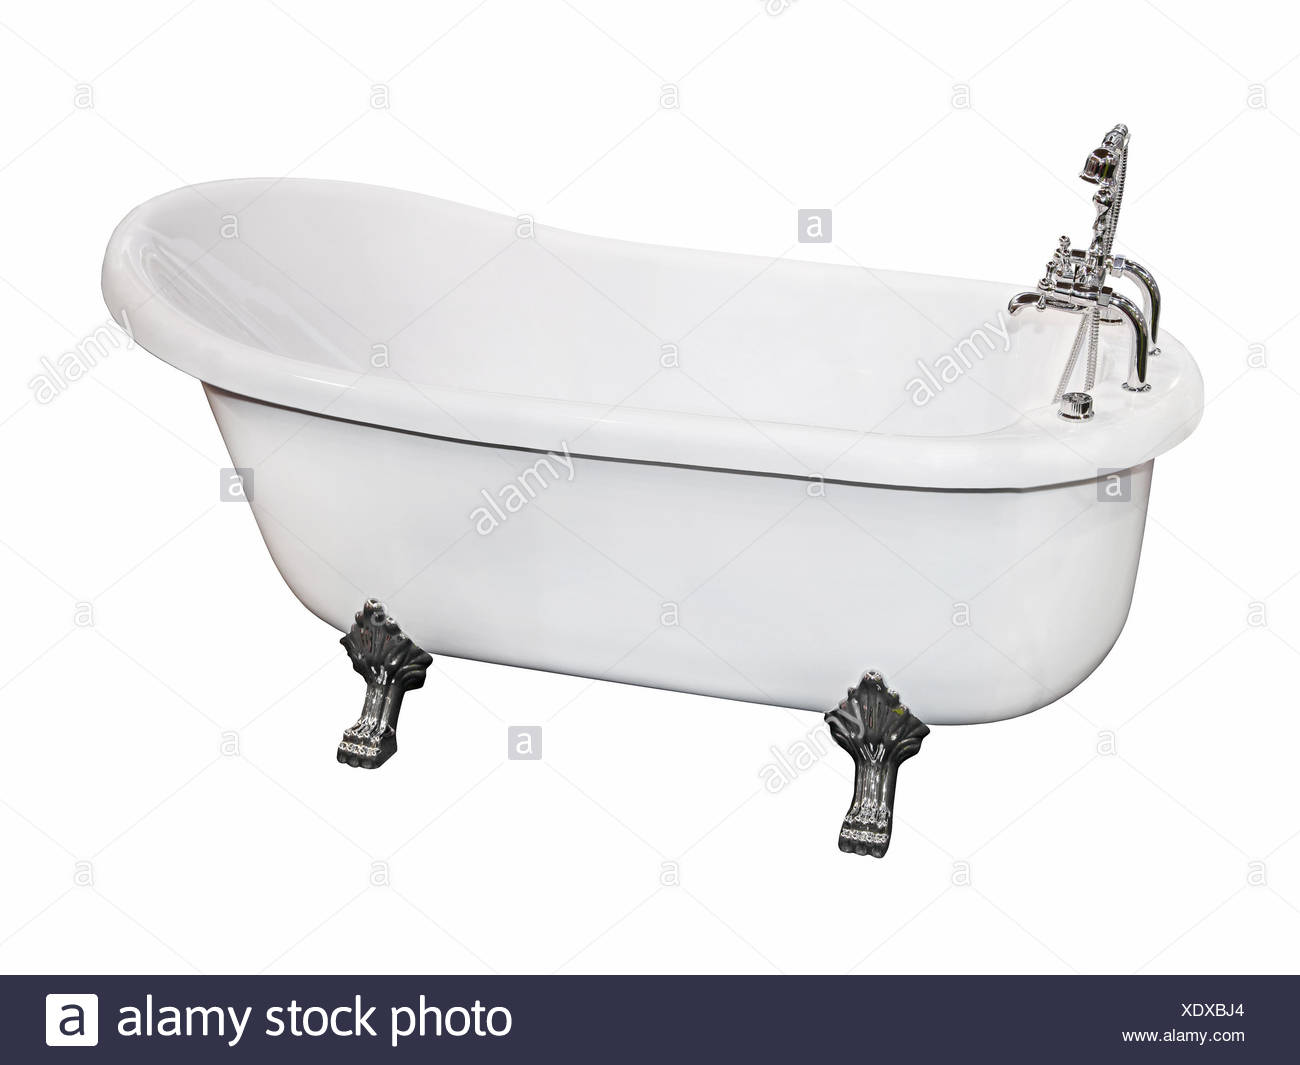 Vasca Da Bagno Retro : Isolato vintage vasca da bagno vasca da bagno vasca da bagno